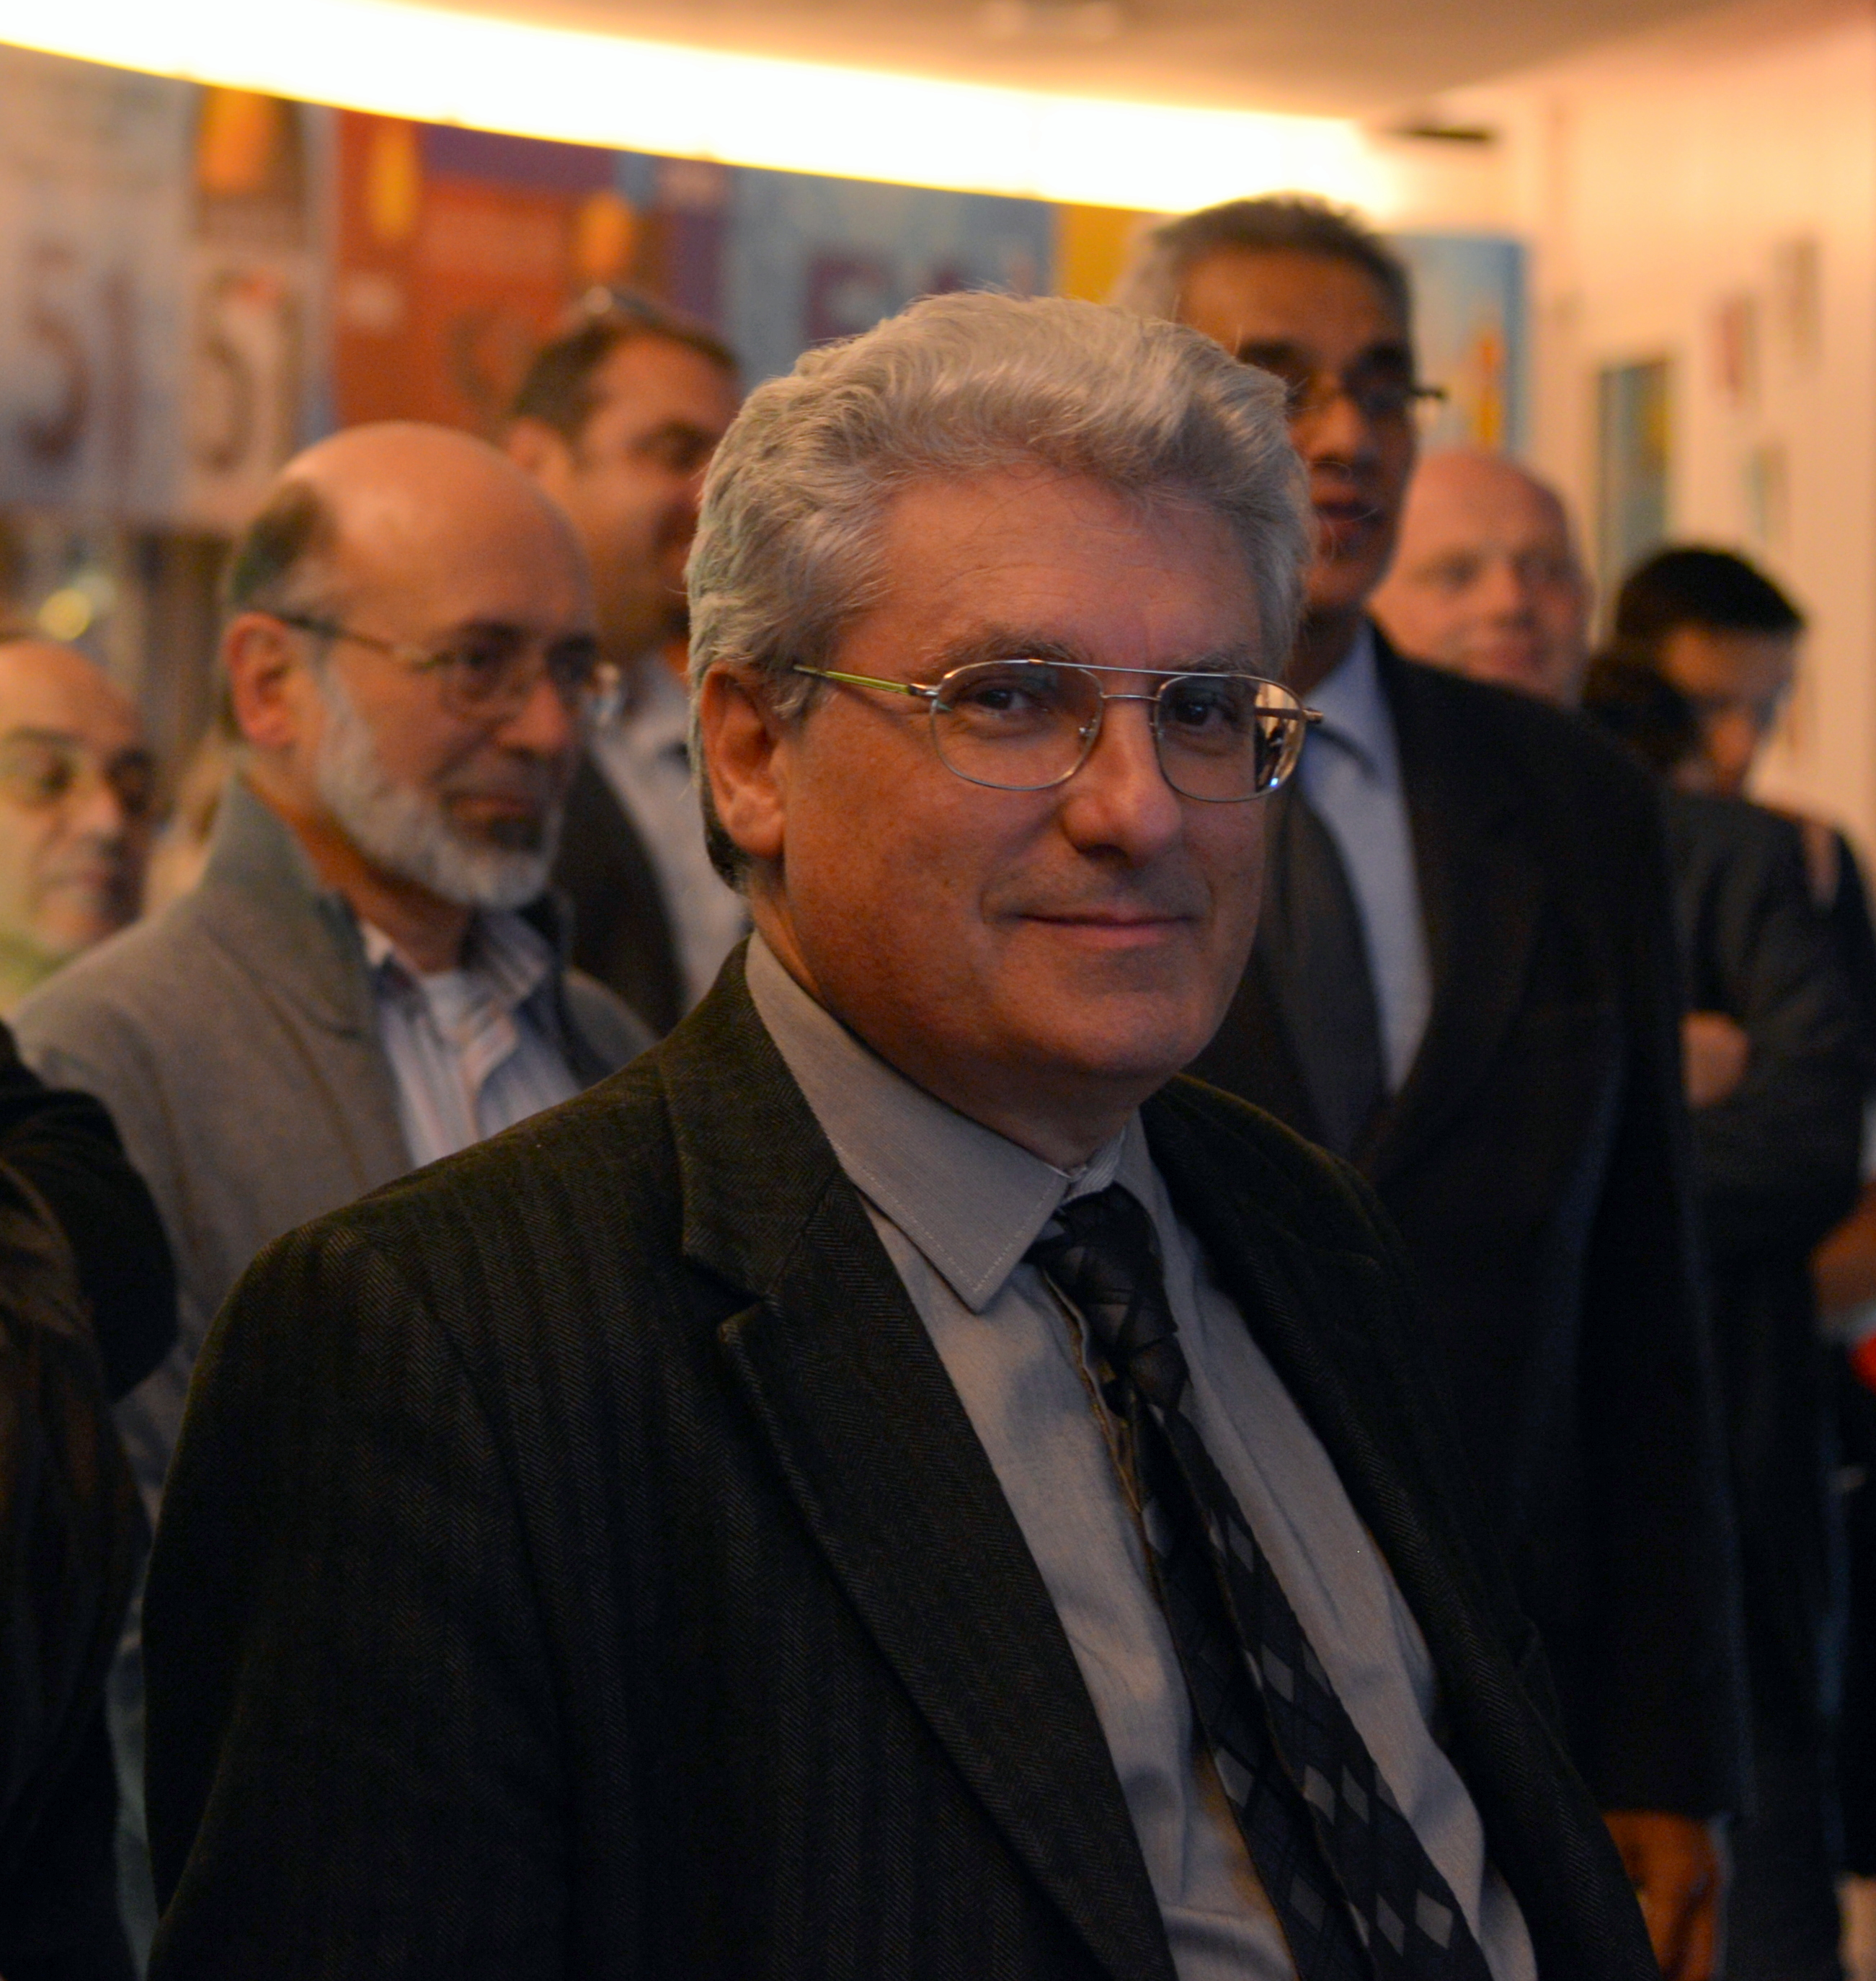 Emmanuel Boutterin élu à la présidence de l'Association Mondiale des Radios Communautaires (AMARC) © Karina Photos